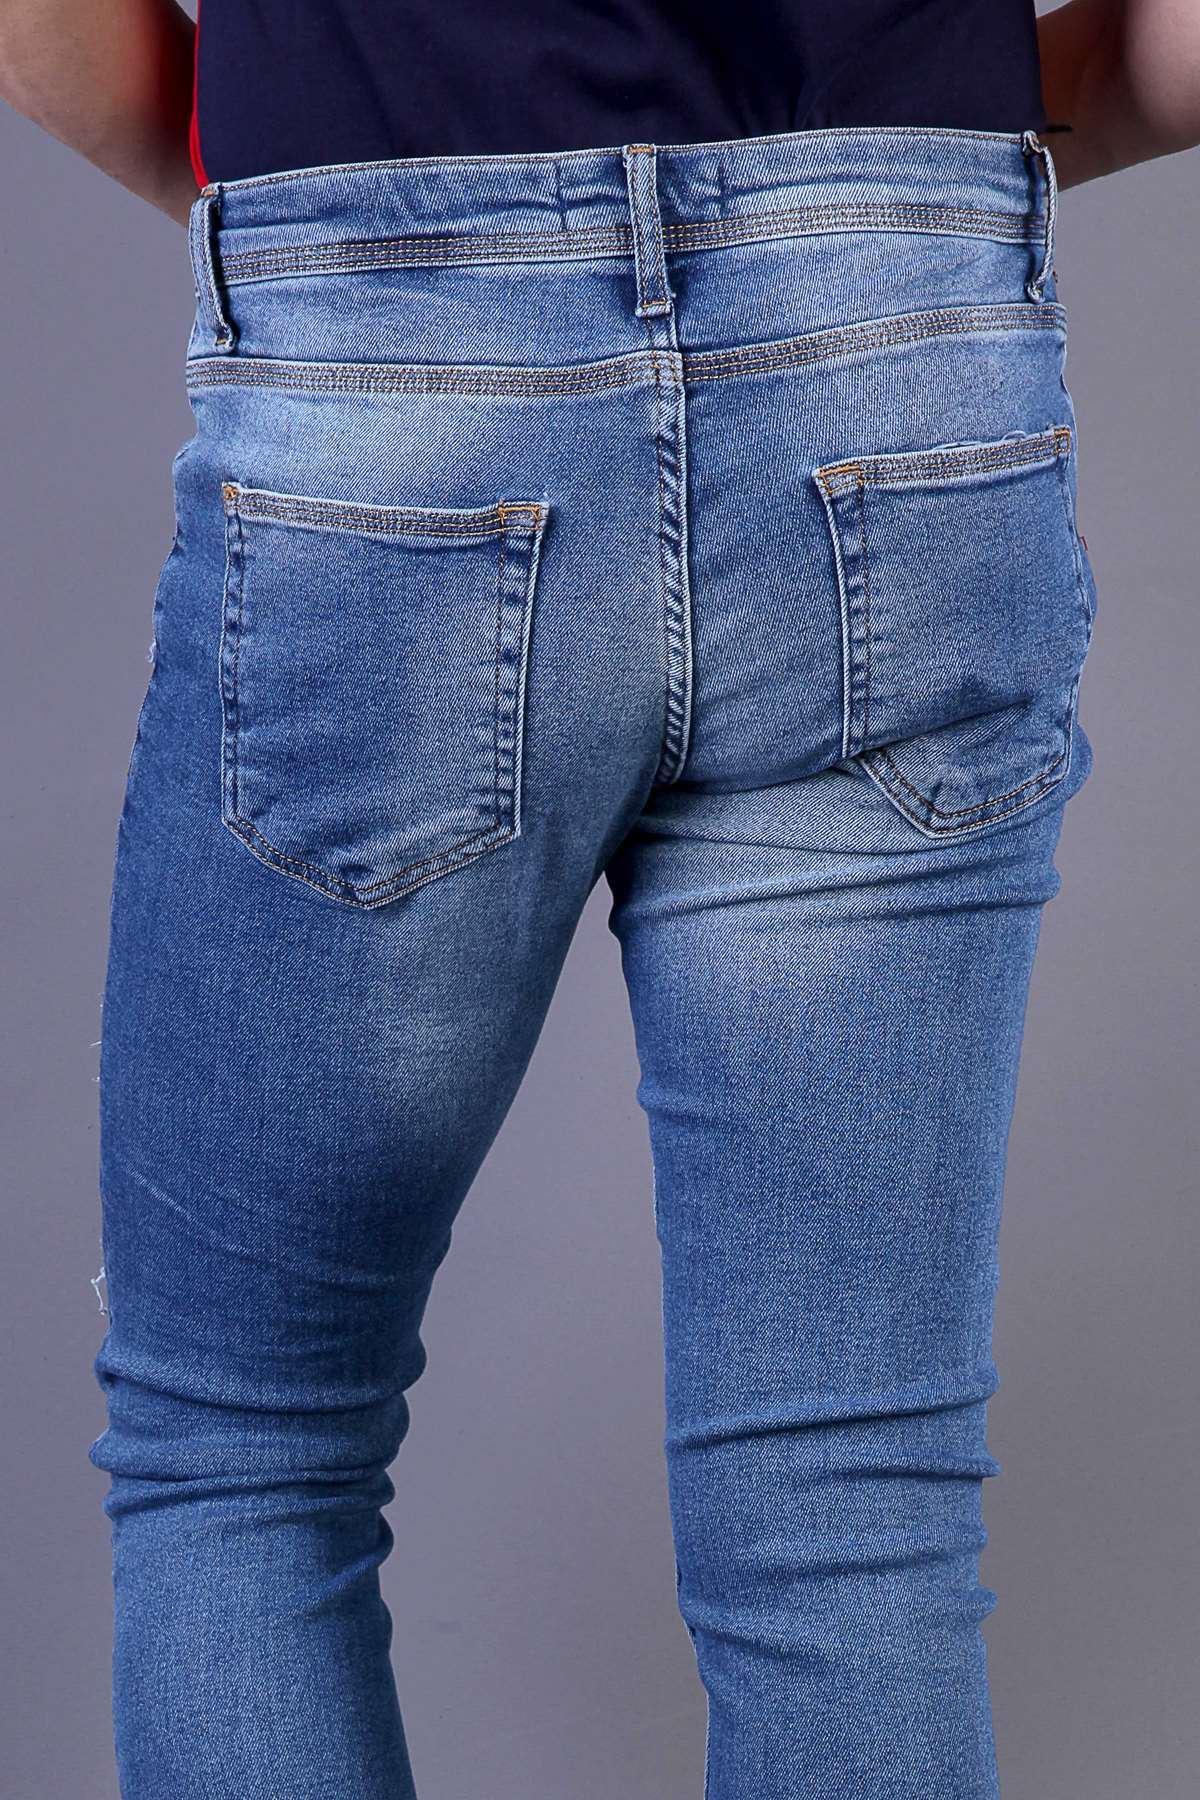 Paça Yazılı İp Yamalı Bilek Boy Slim Fit Kot Pantolon Mavi